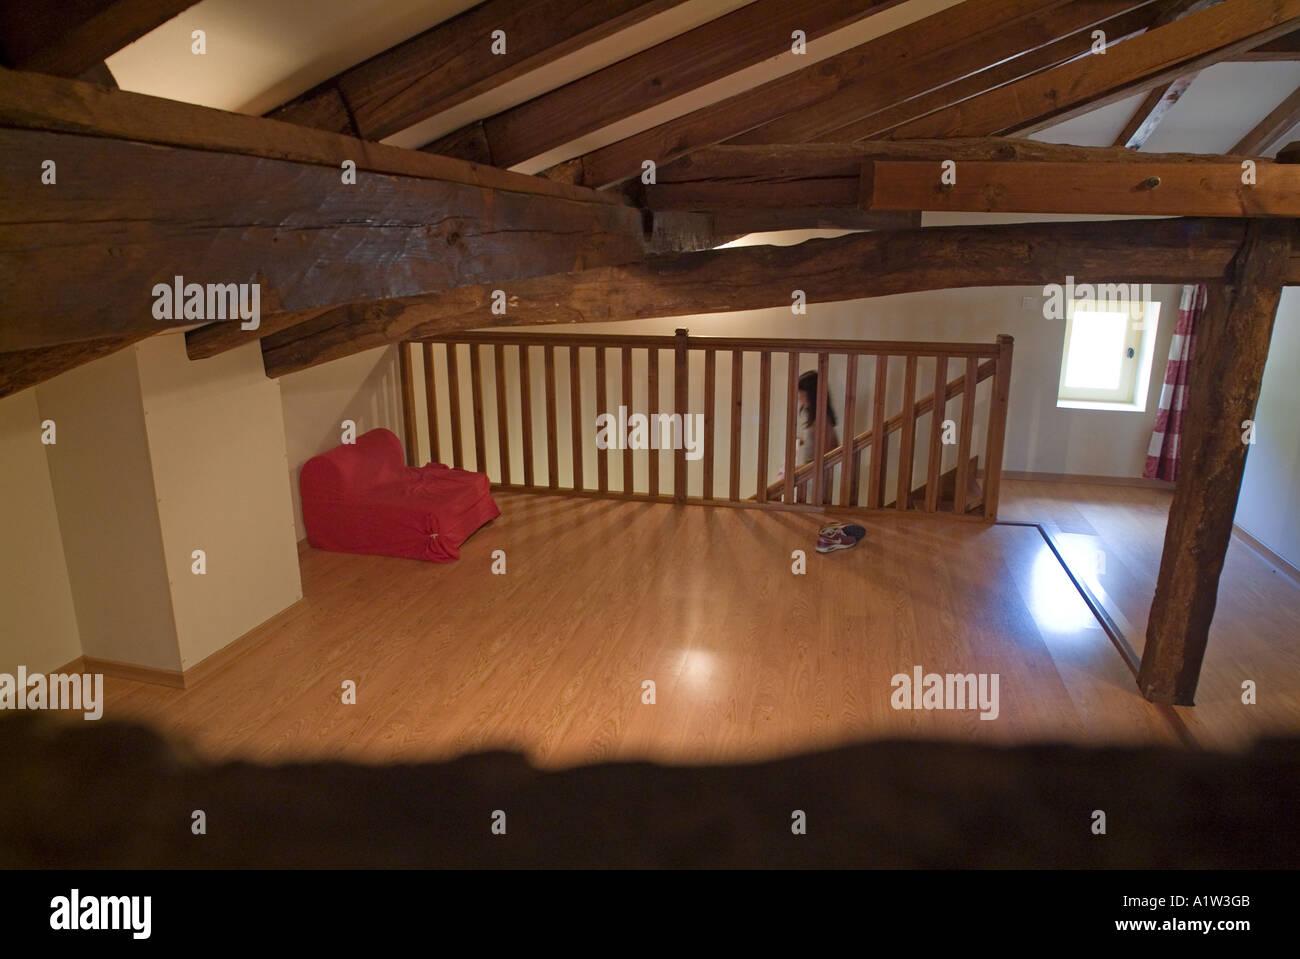 Plafoniere Per Travi In Legno : Plafoniere per travi legno illuminazione soffitti